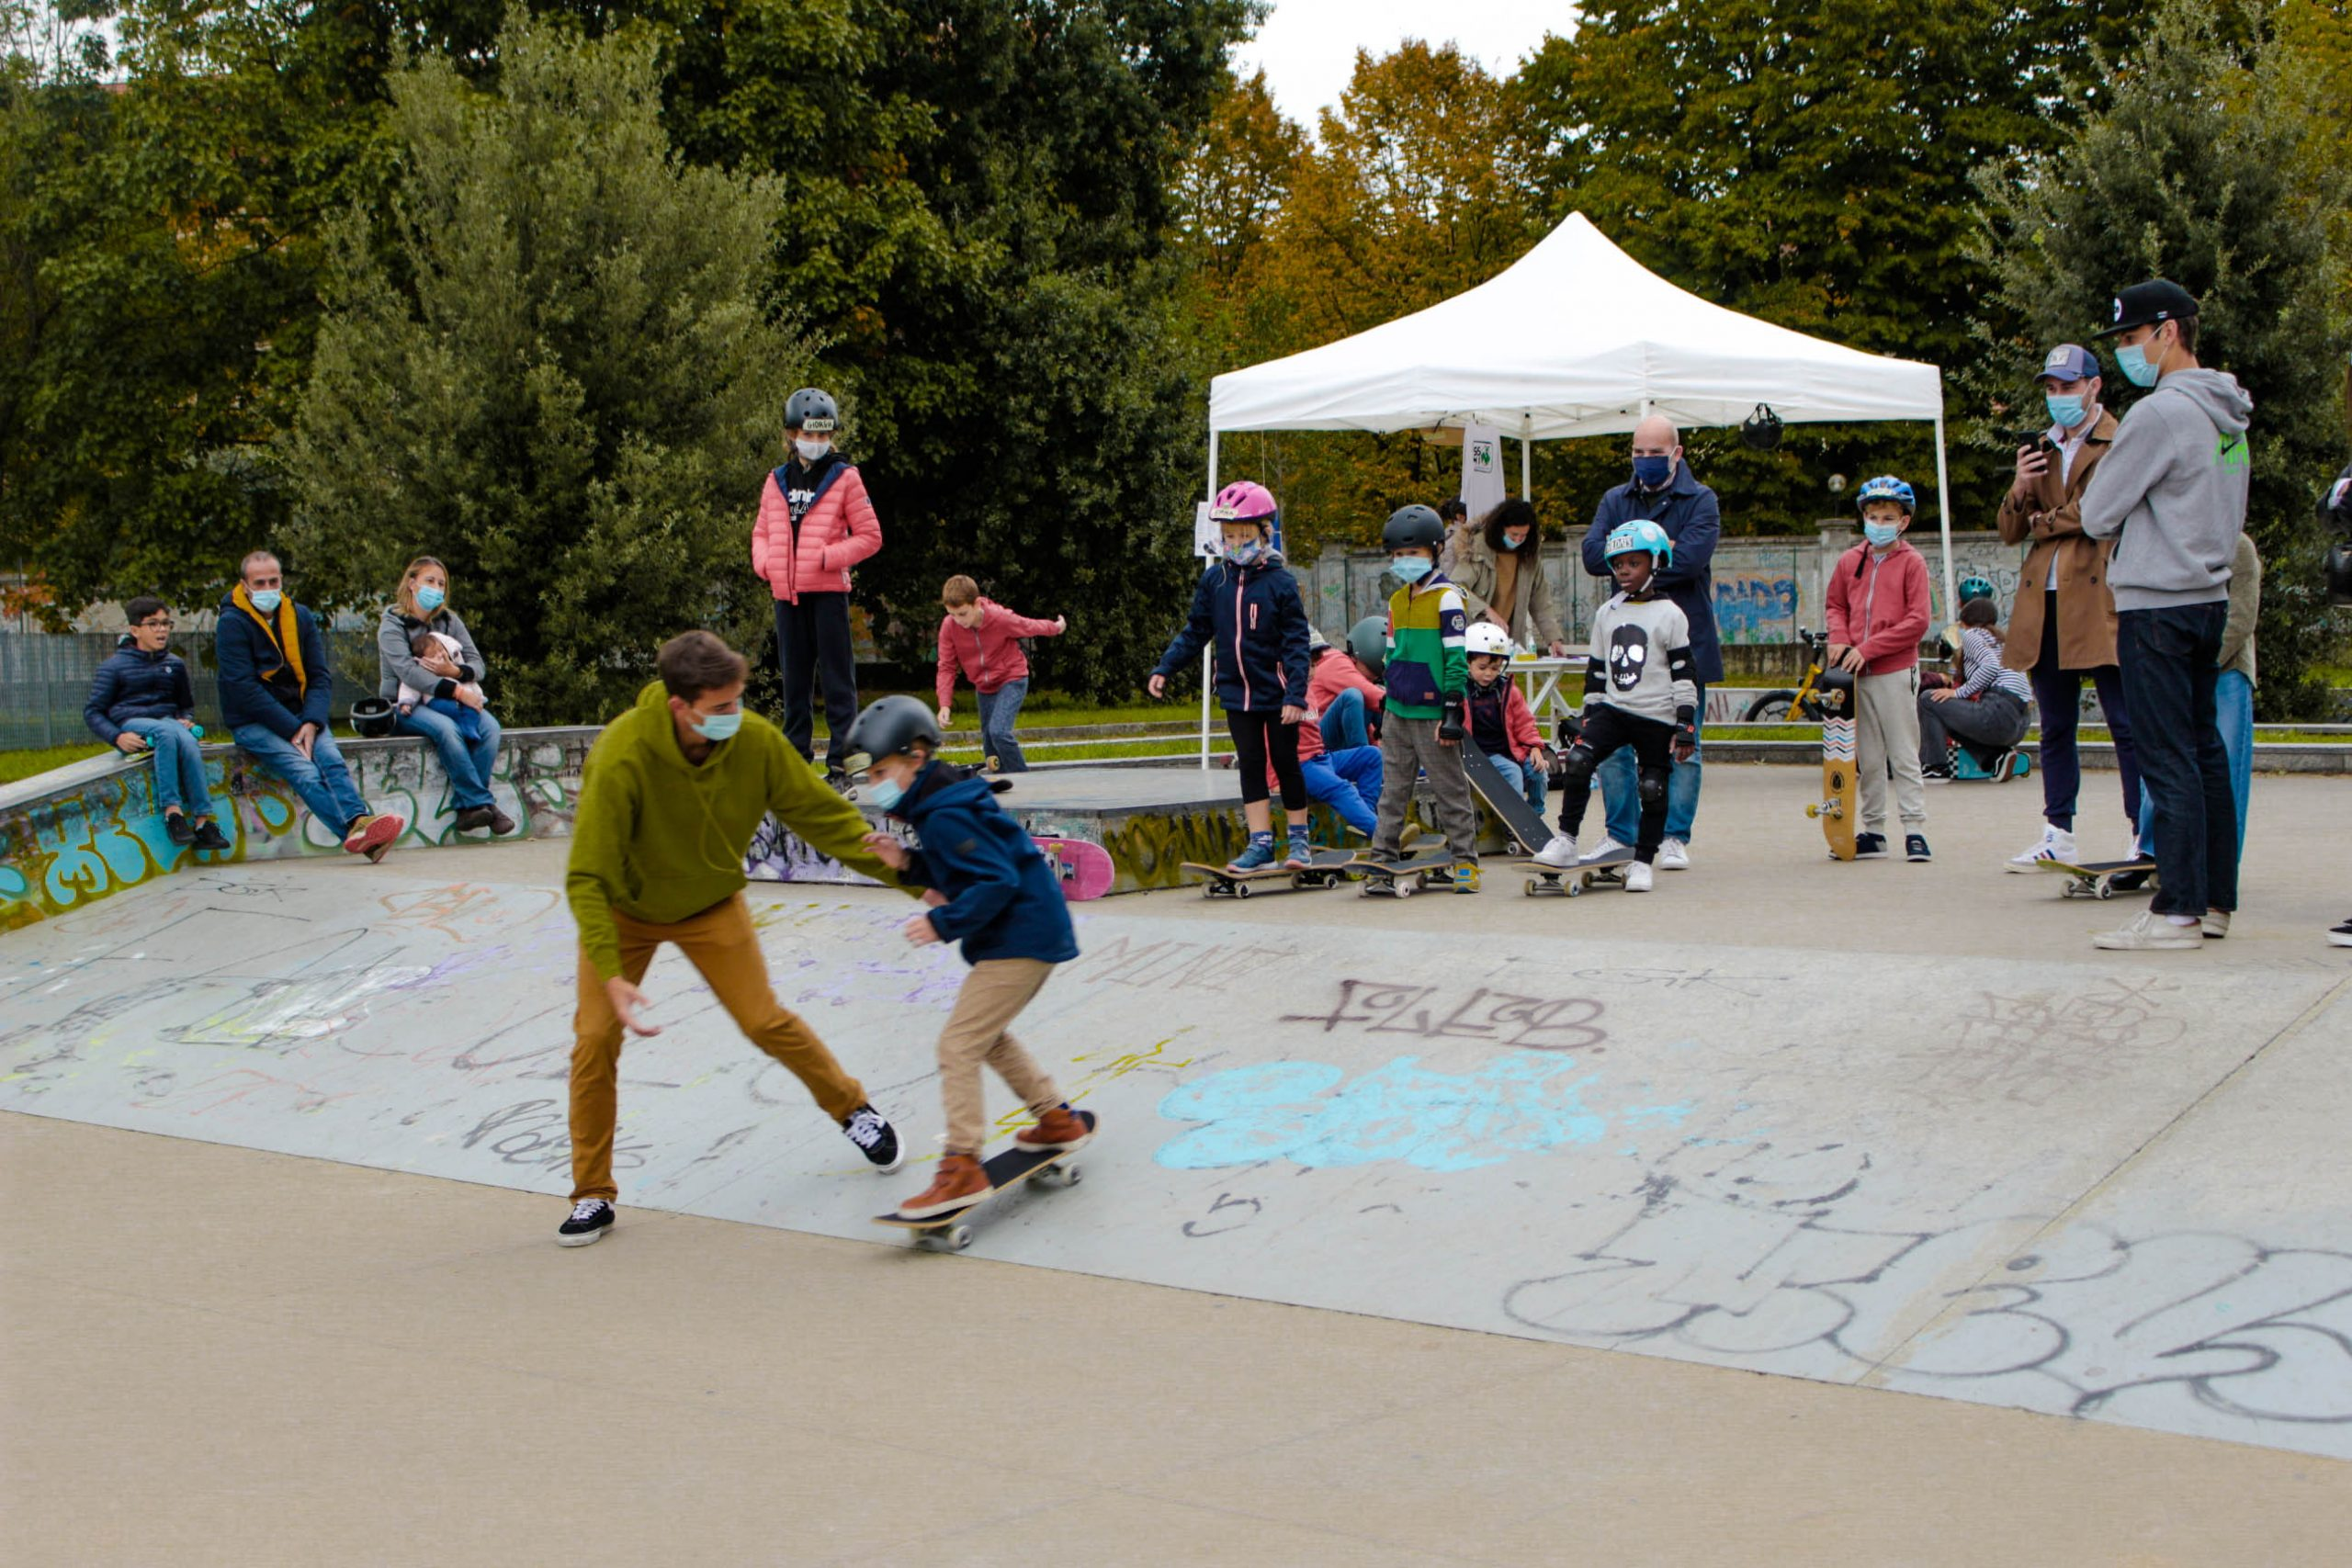 Scuola di skateboard